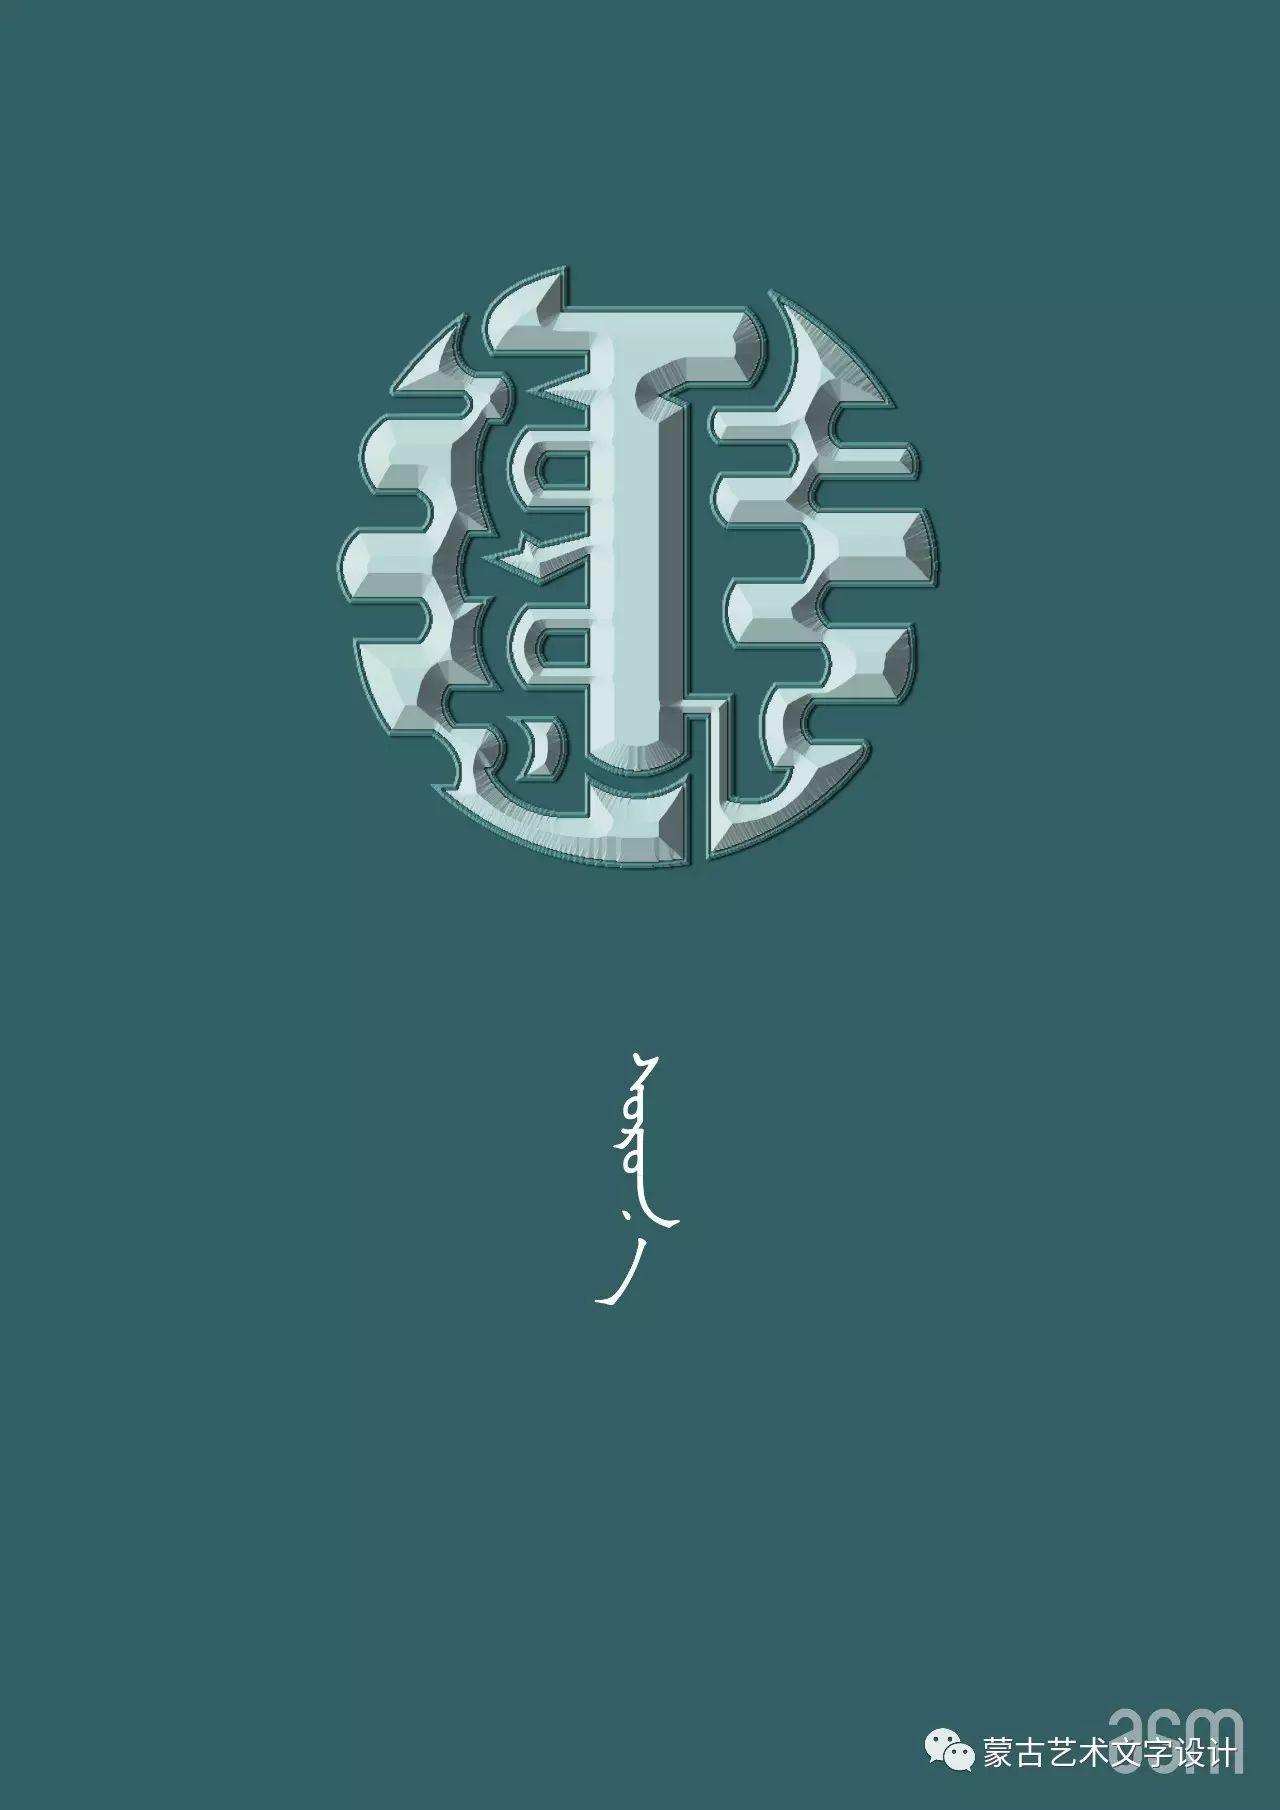 蒙古艺术文字设计 第64张